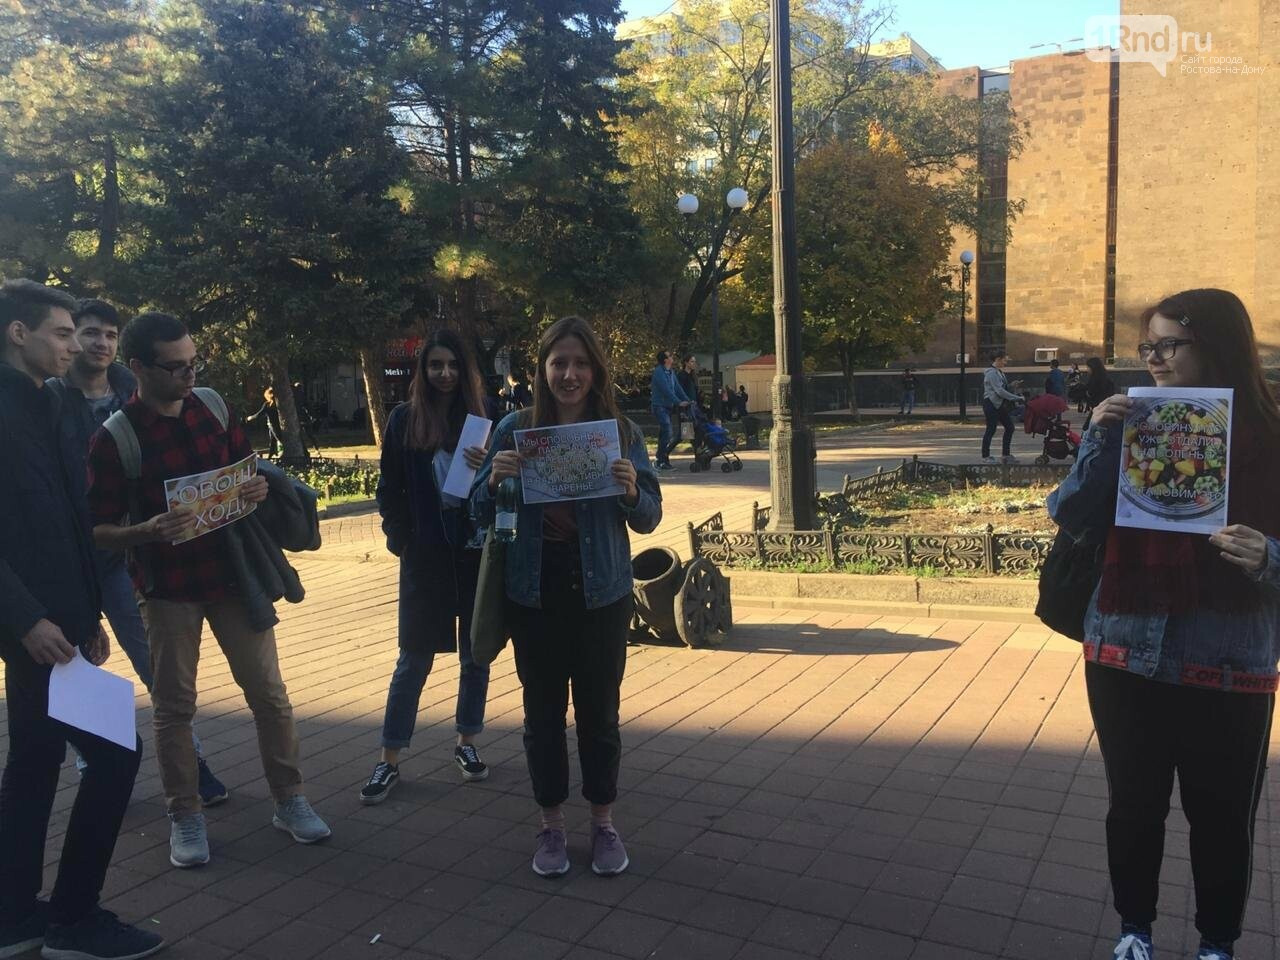 Ростовские студенты вышли на пикет в поддержку прав фруктового салата, фото-4